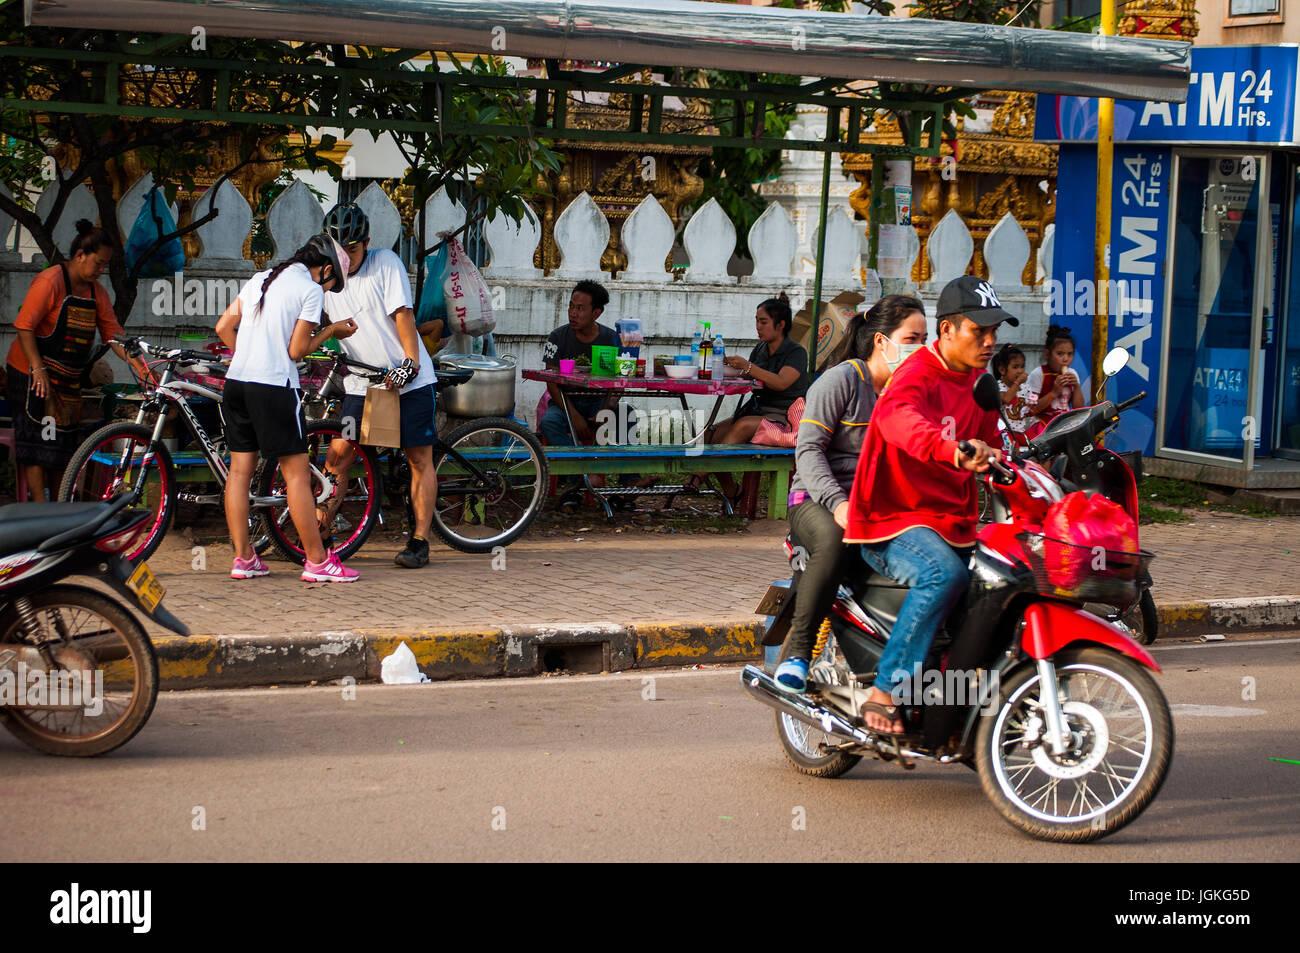 Fa Ngoum Road street scene, Vientiane, Laos - Stock Image